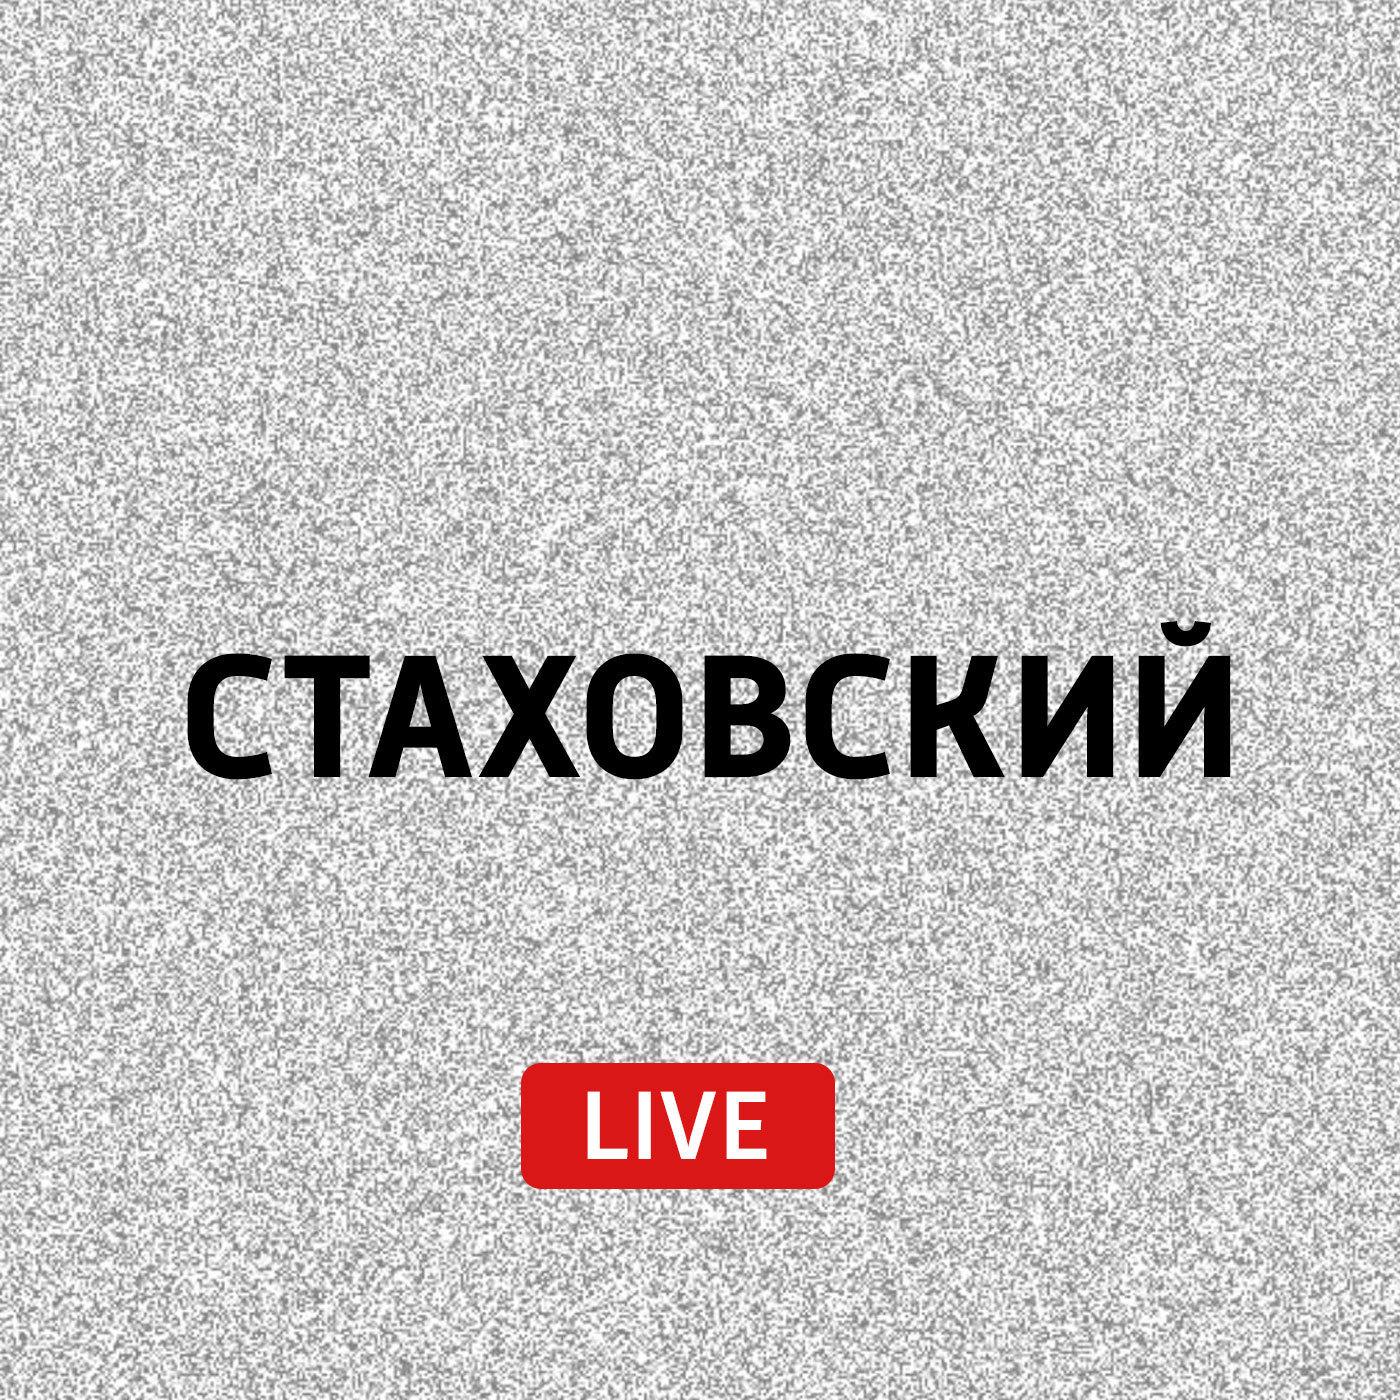 Евгений Стаховский Евгений Стаховский отвечает на сообщения слушателей евгений стаховский хаю хай